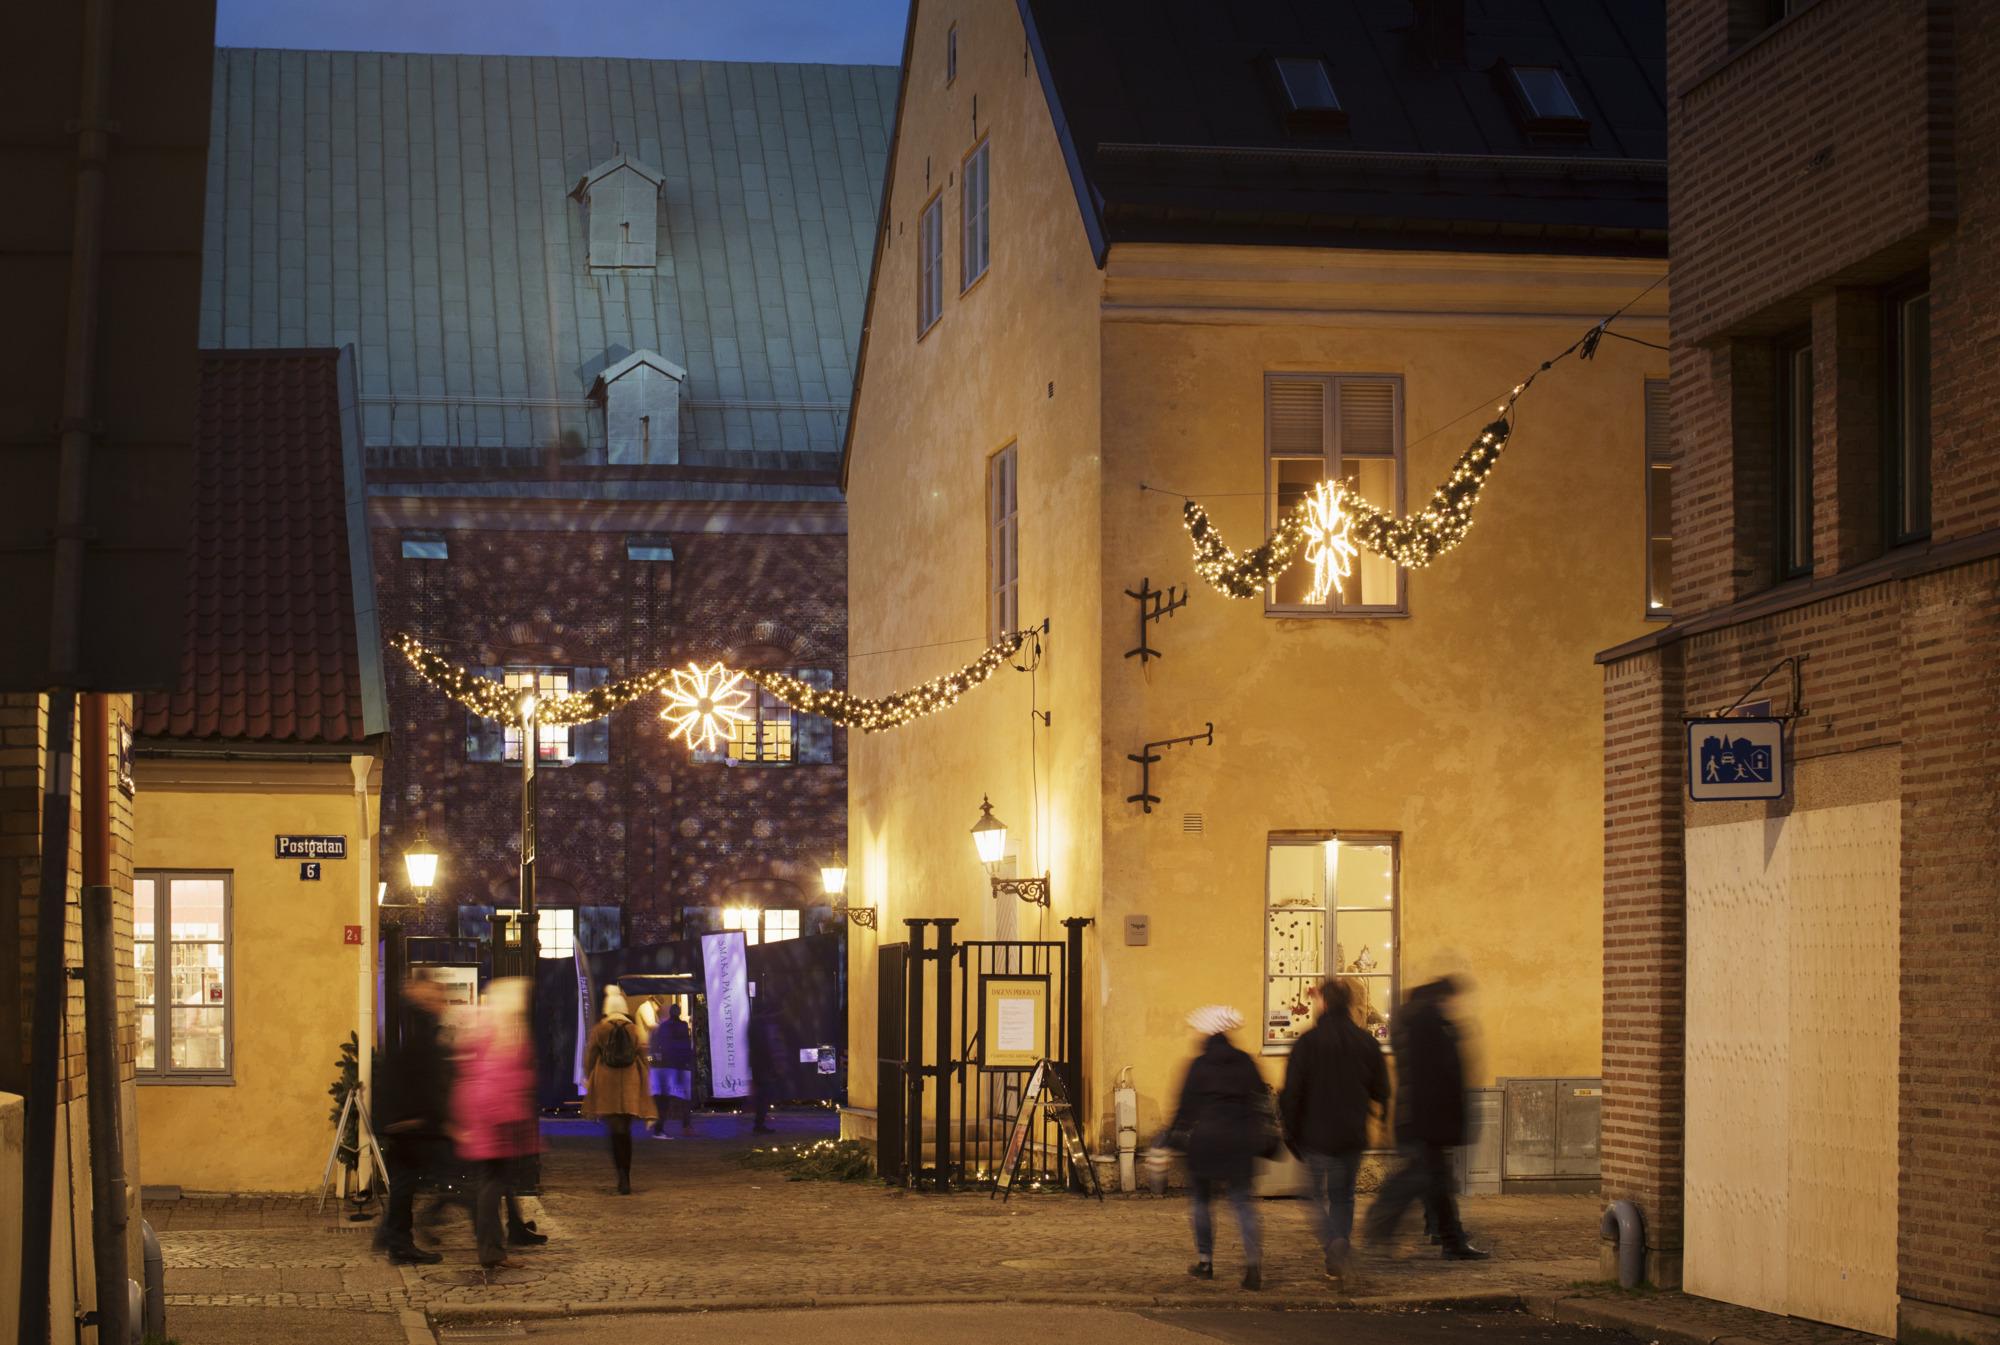 Folk i rörelse framför de gula stenbyggnaderna Kronhusbodarna och det röda tegelhuset Kronhuset i Västra Nordstan.